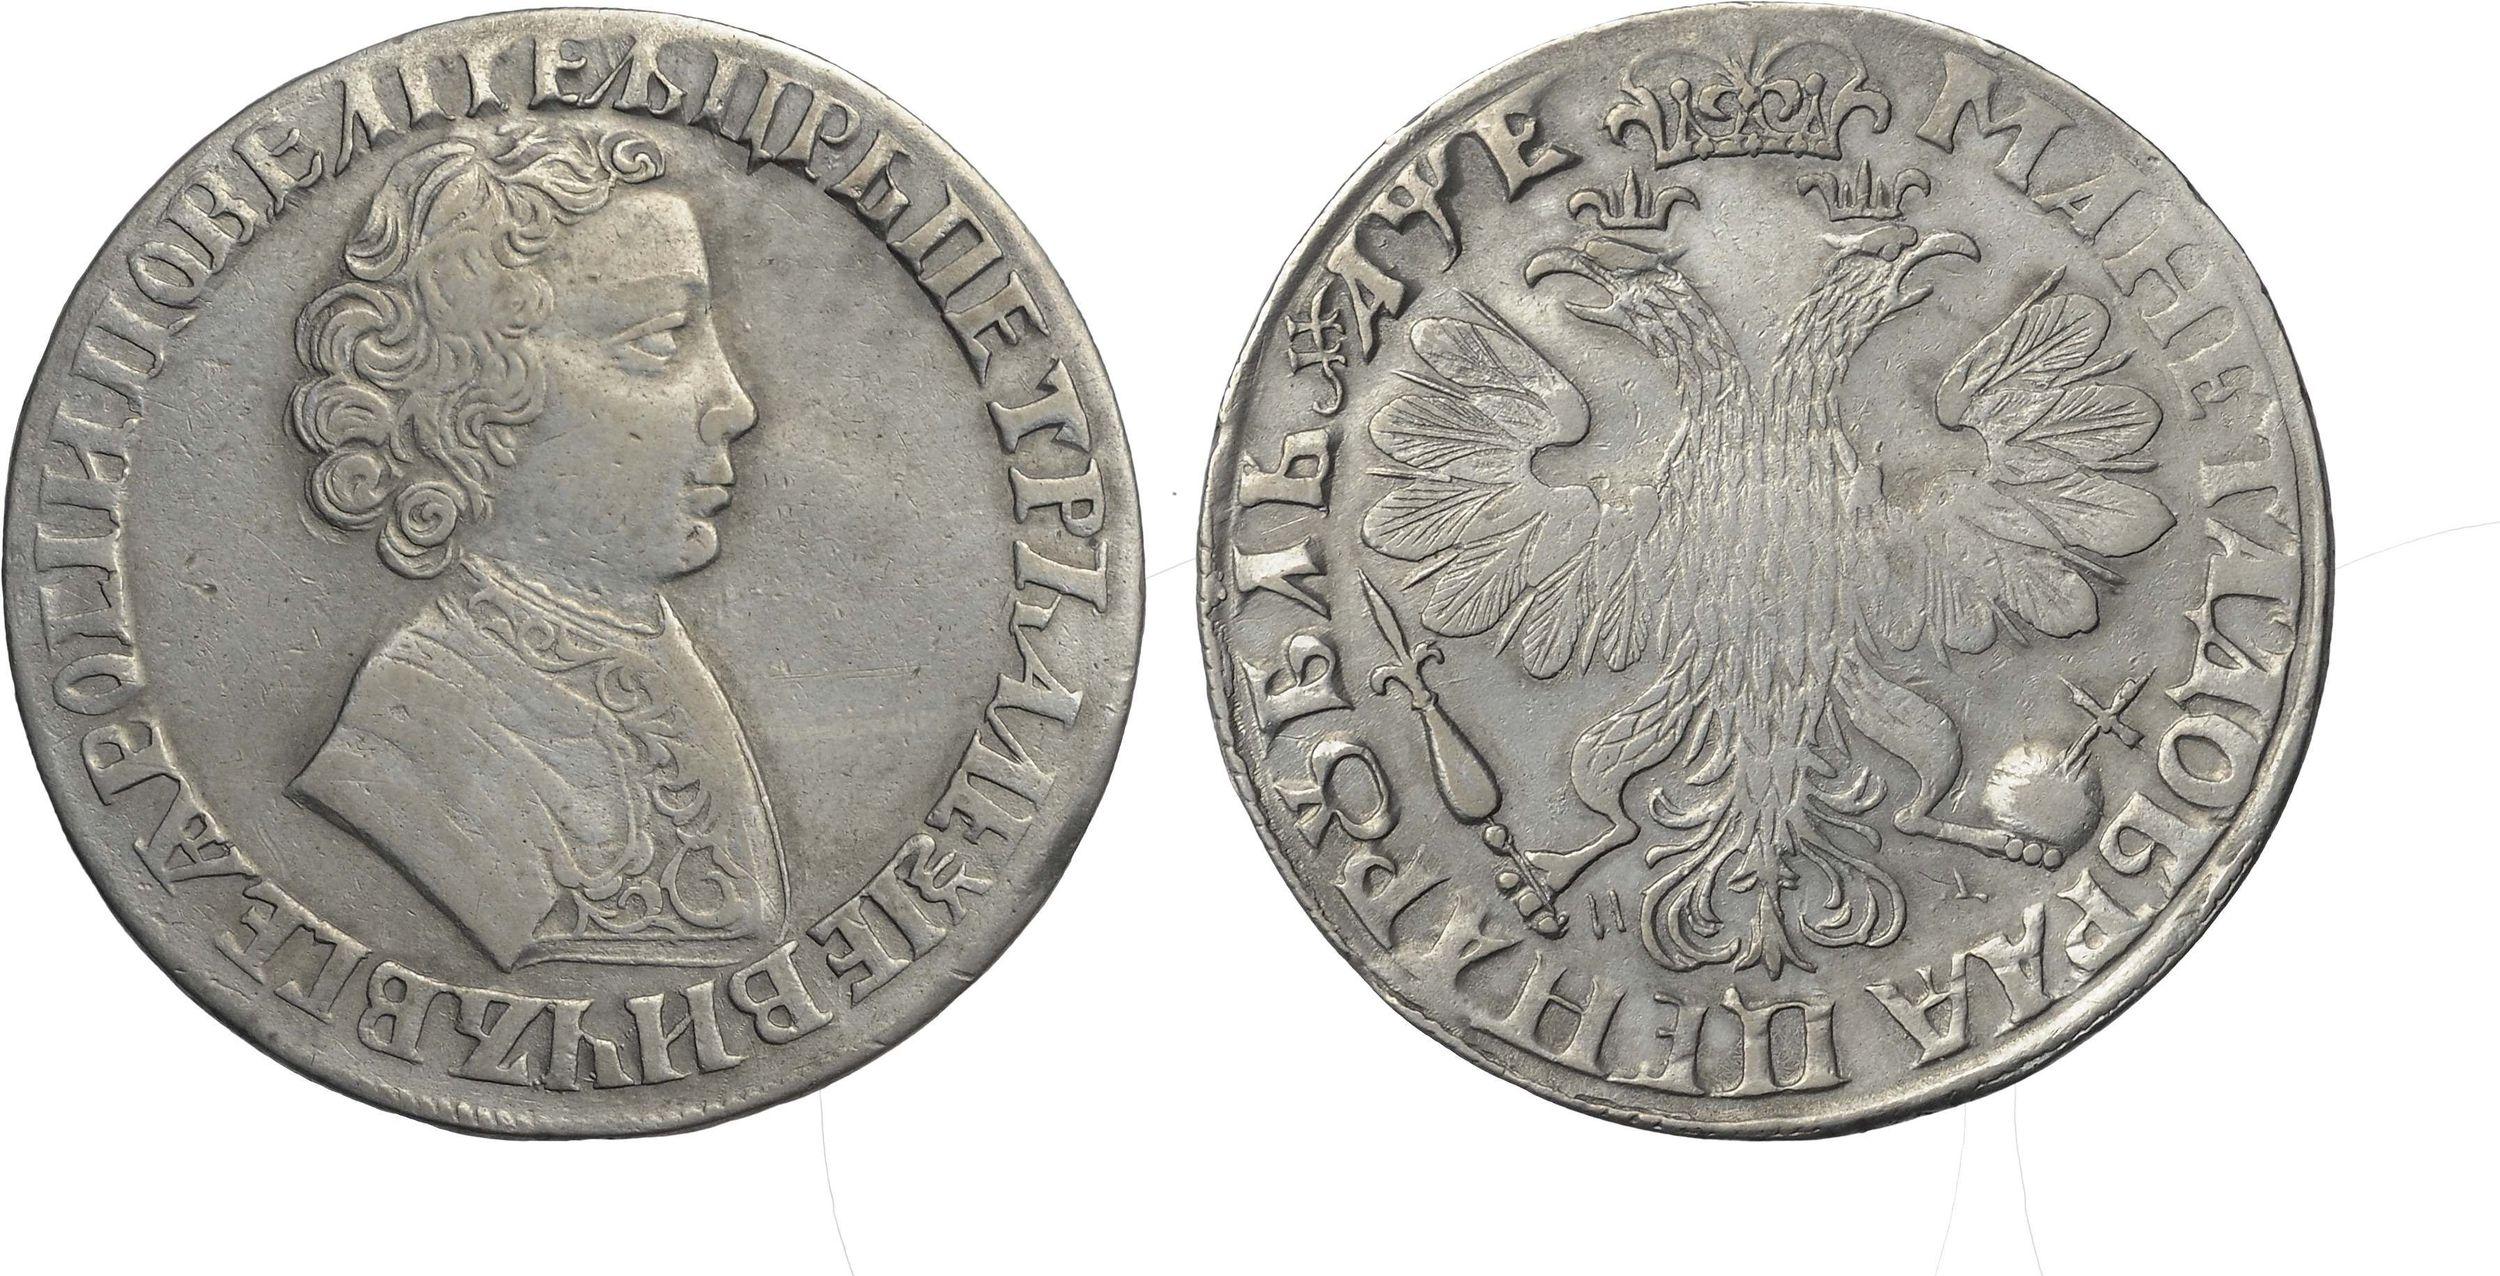 Рубль 1654 года 6 букв 1 евро цент